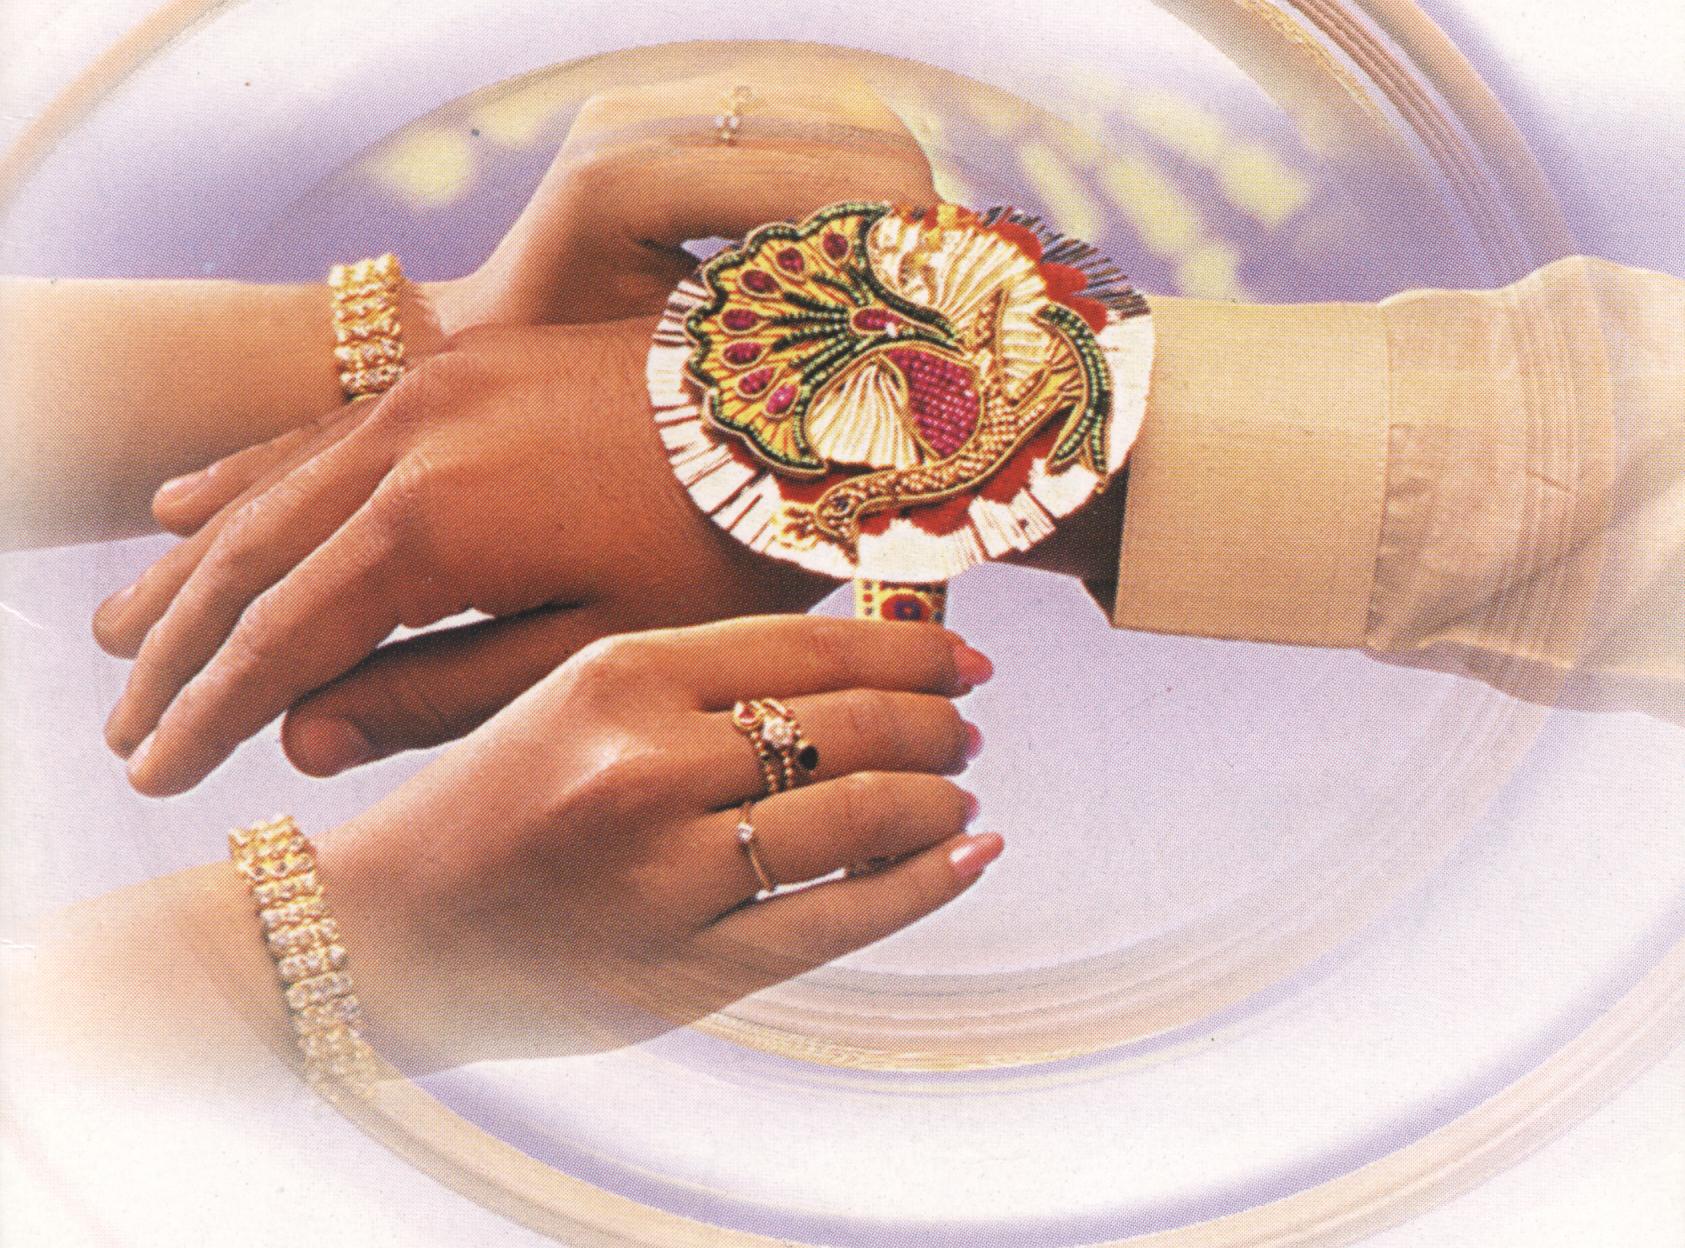 Rakshabandhan or Rakhi